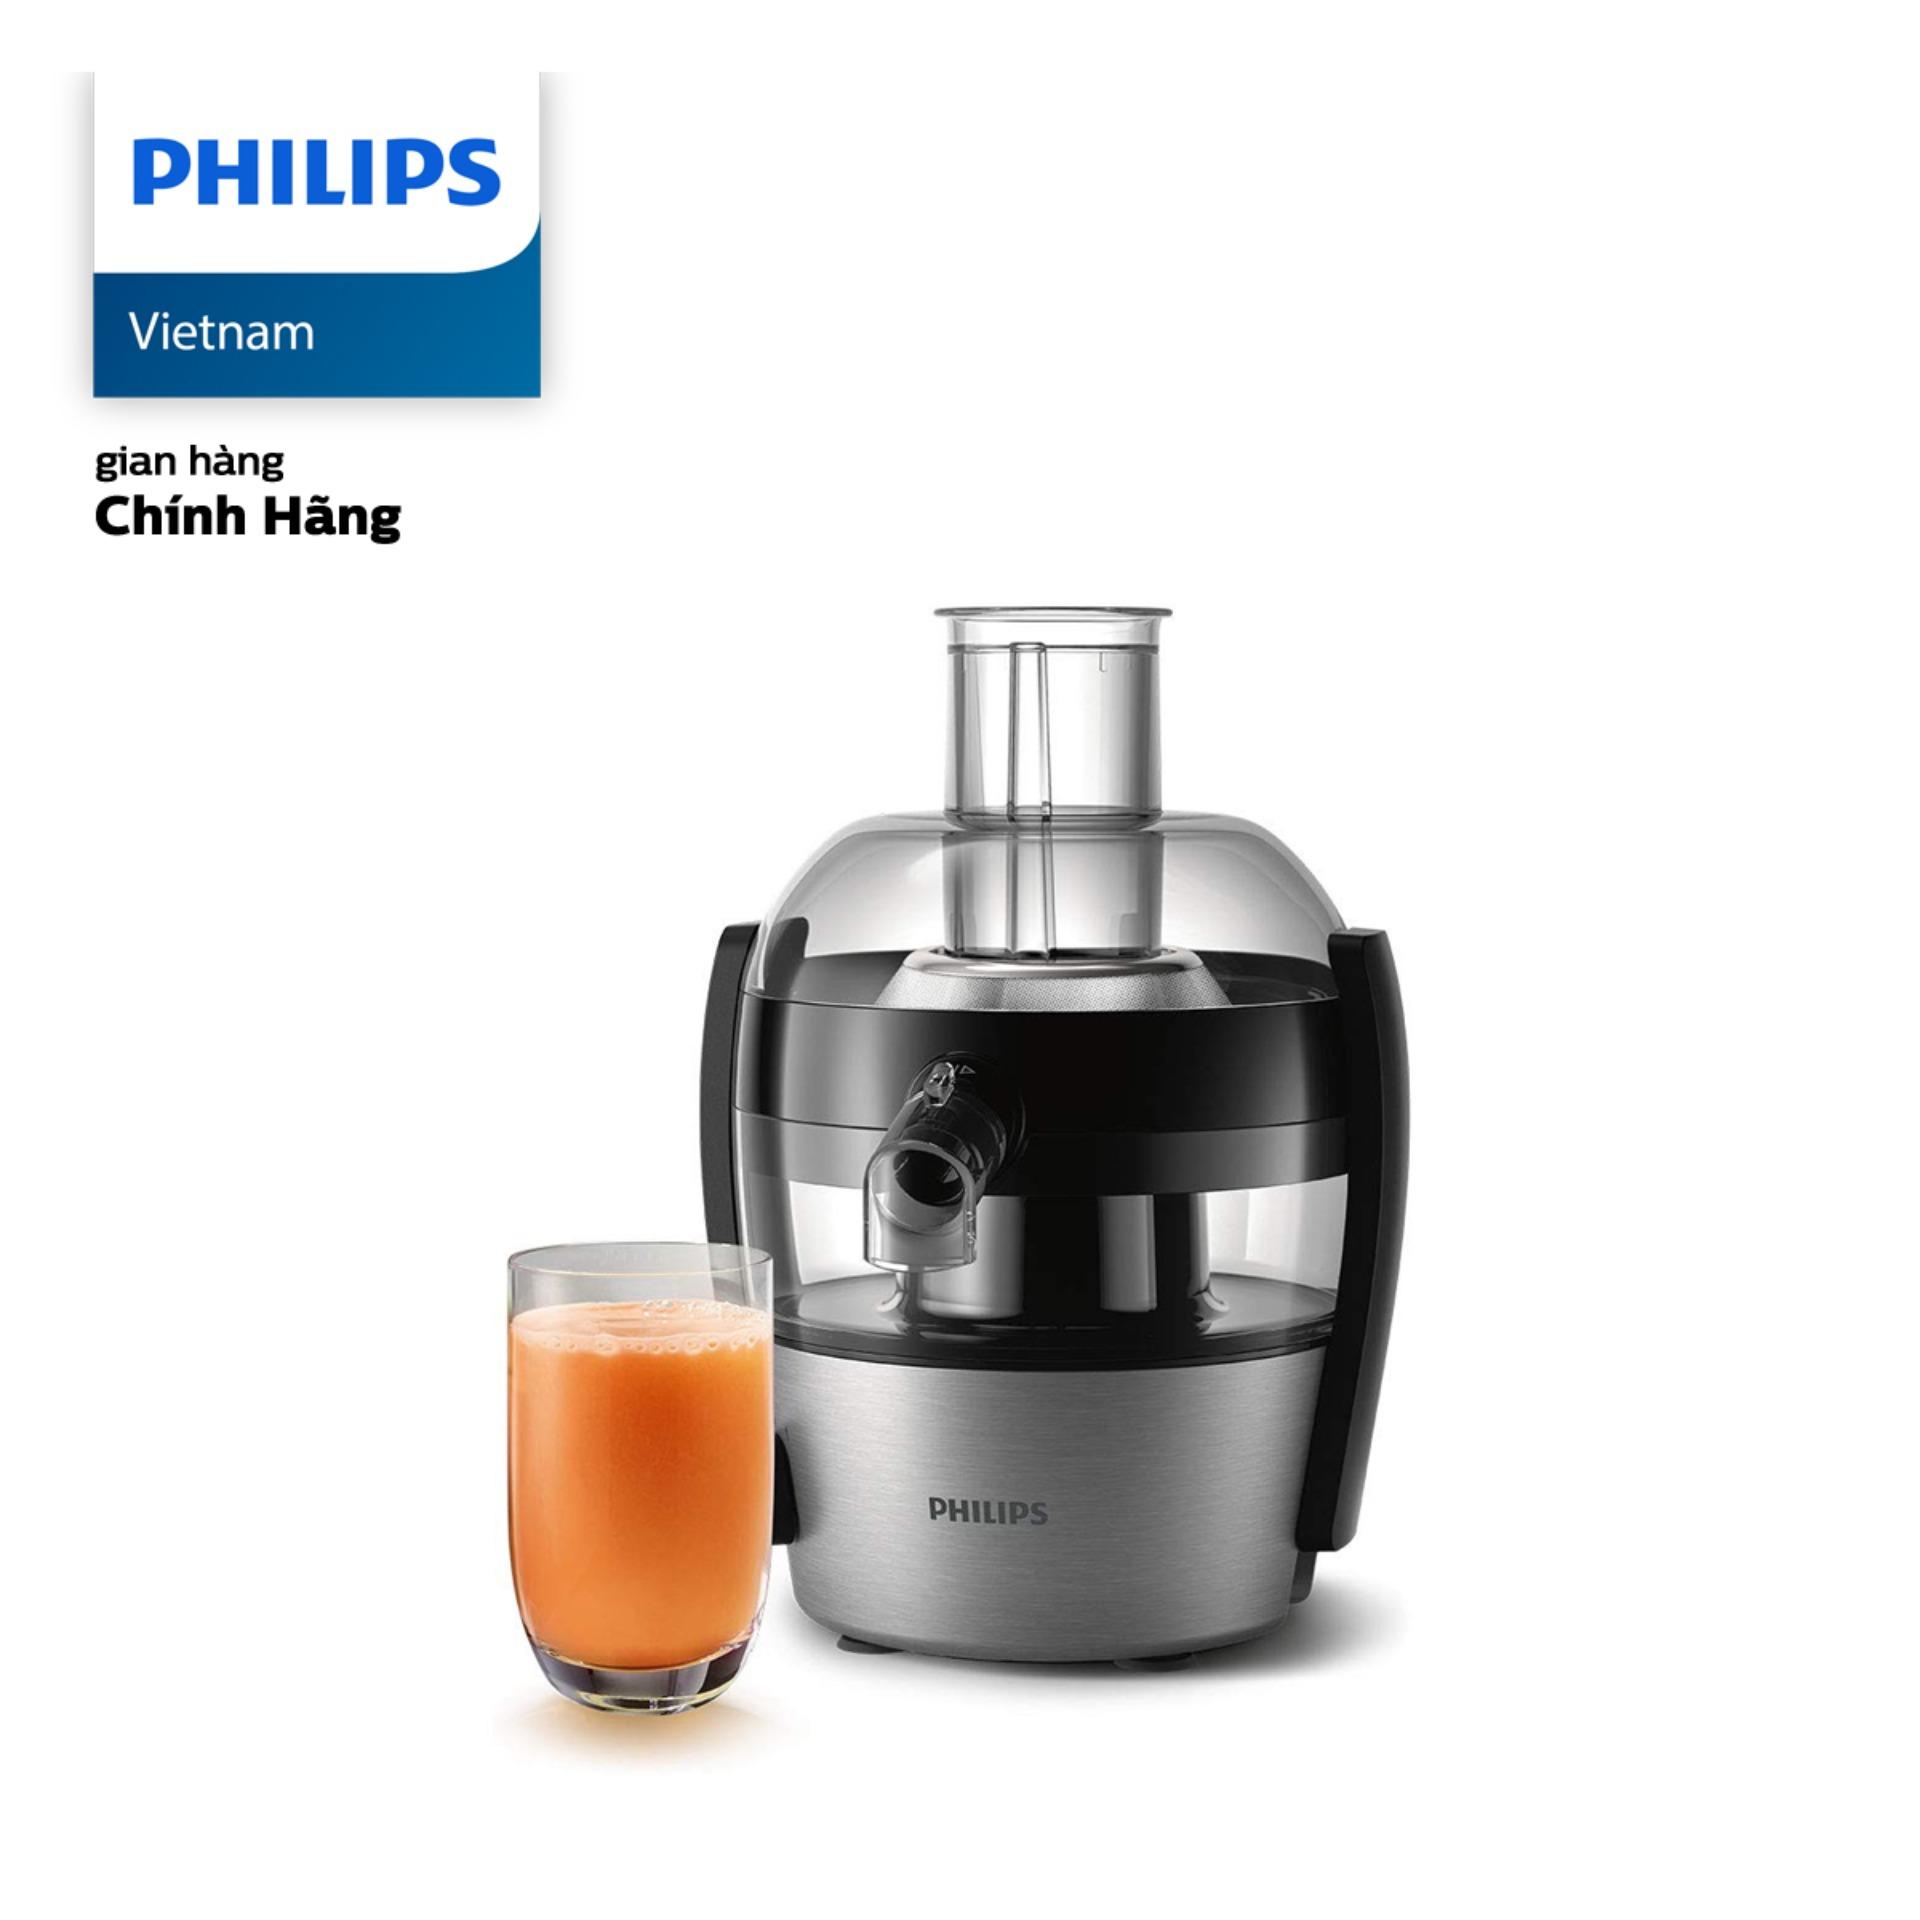 Bảng giá Máy Ép Trái Cây Philips HR1836 (500W) - Hàng phân phối chính hãng - Công nghệ Quick Clean giúp gạt bỏ bã, xơ và vệ sinh dễ dàng; Chức năng ngăn rỉ nước tích hợp trong vòi Điện máy Pico